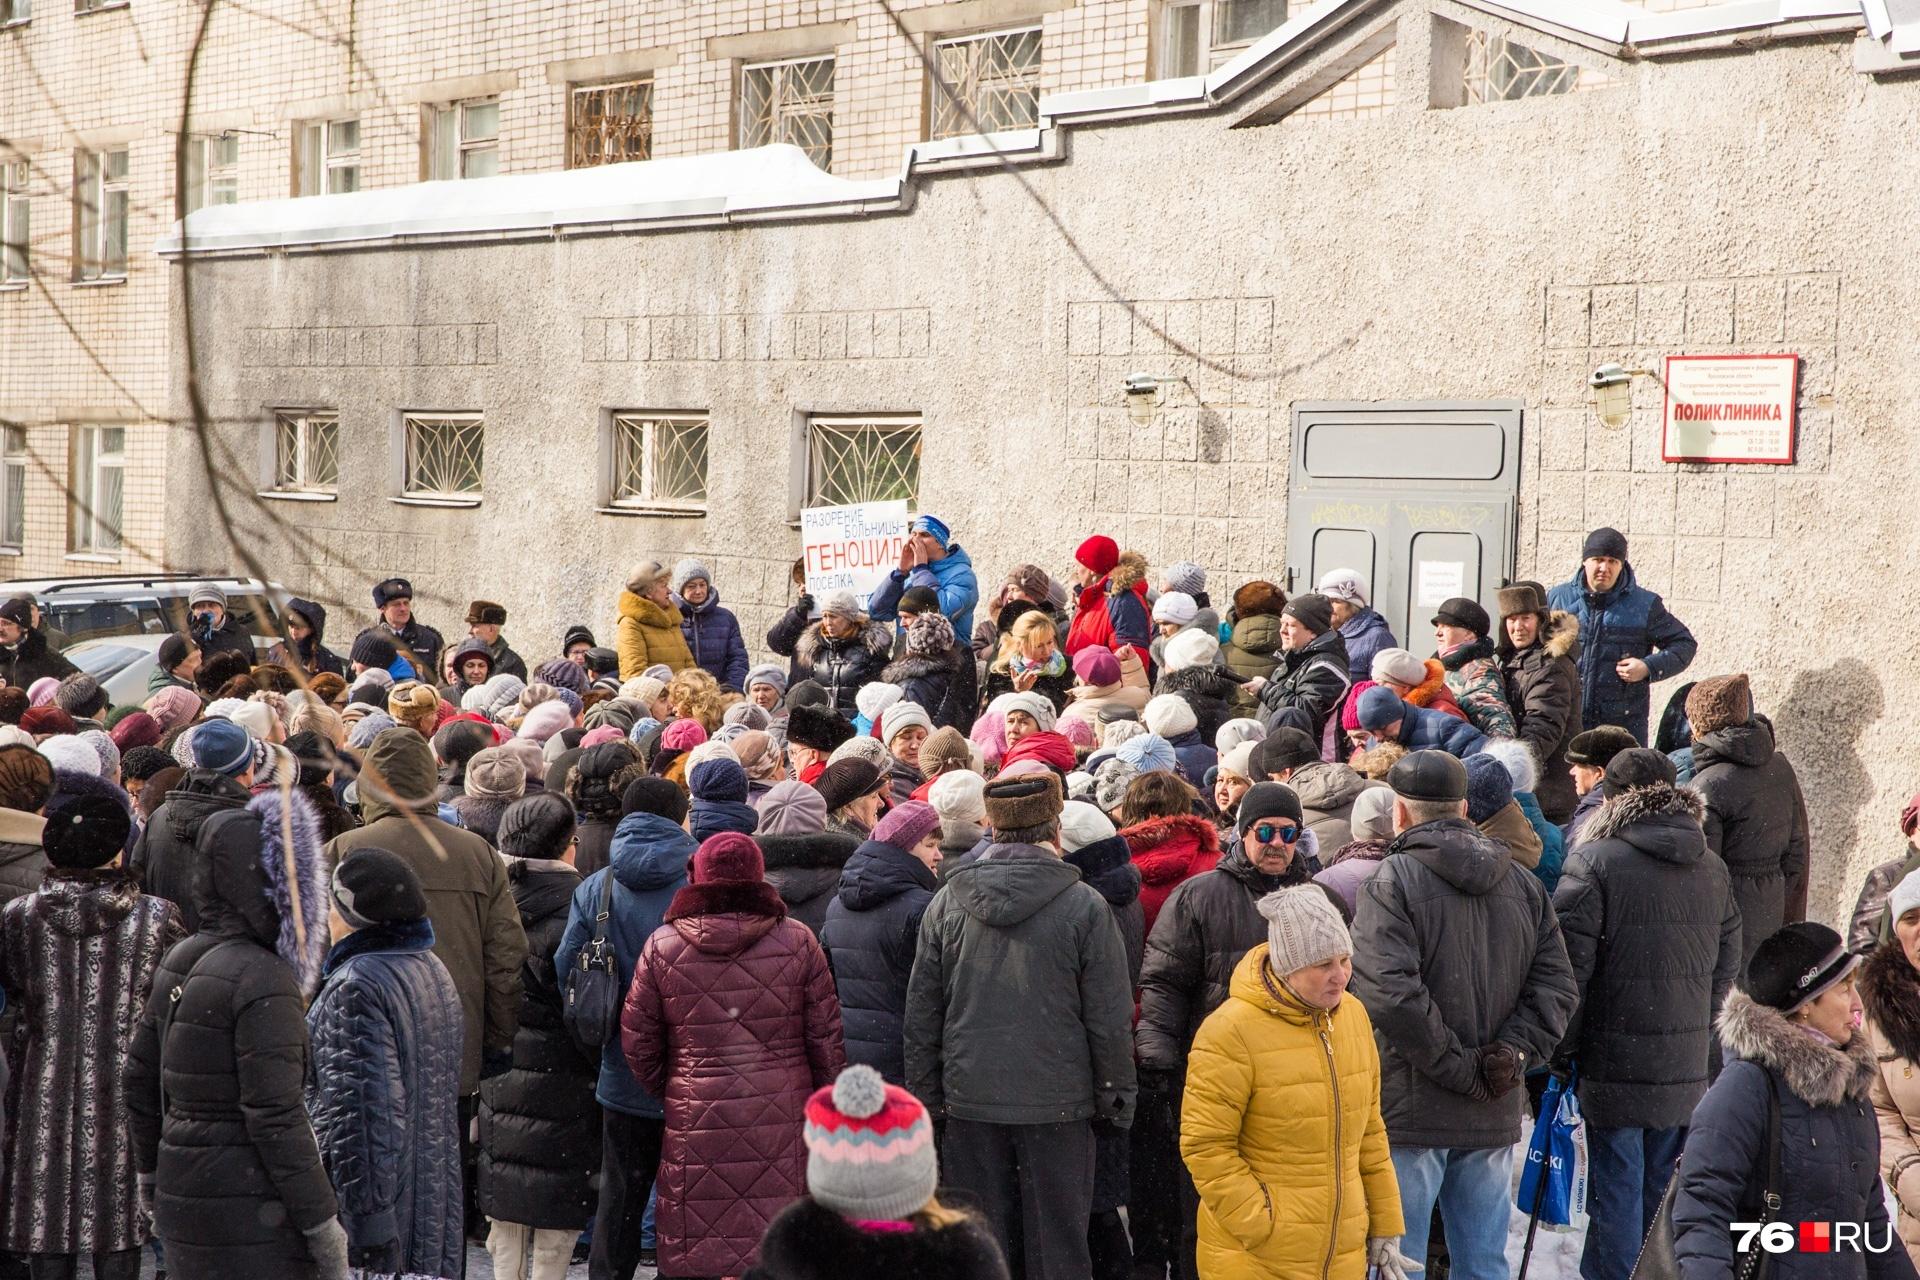 Жители Заволжского района выходили на митинг против объединения больниц, но протестная волна быстро сошла на нет